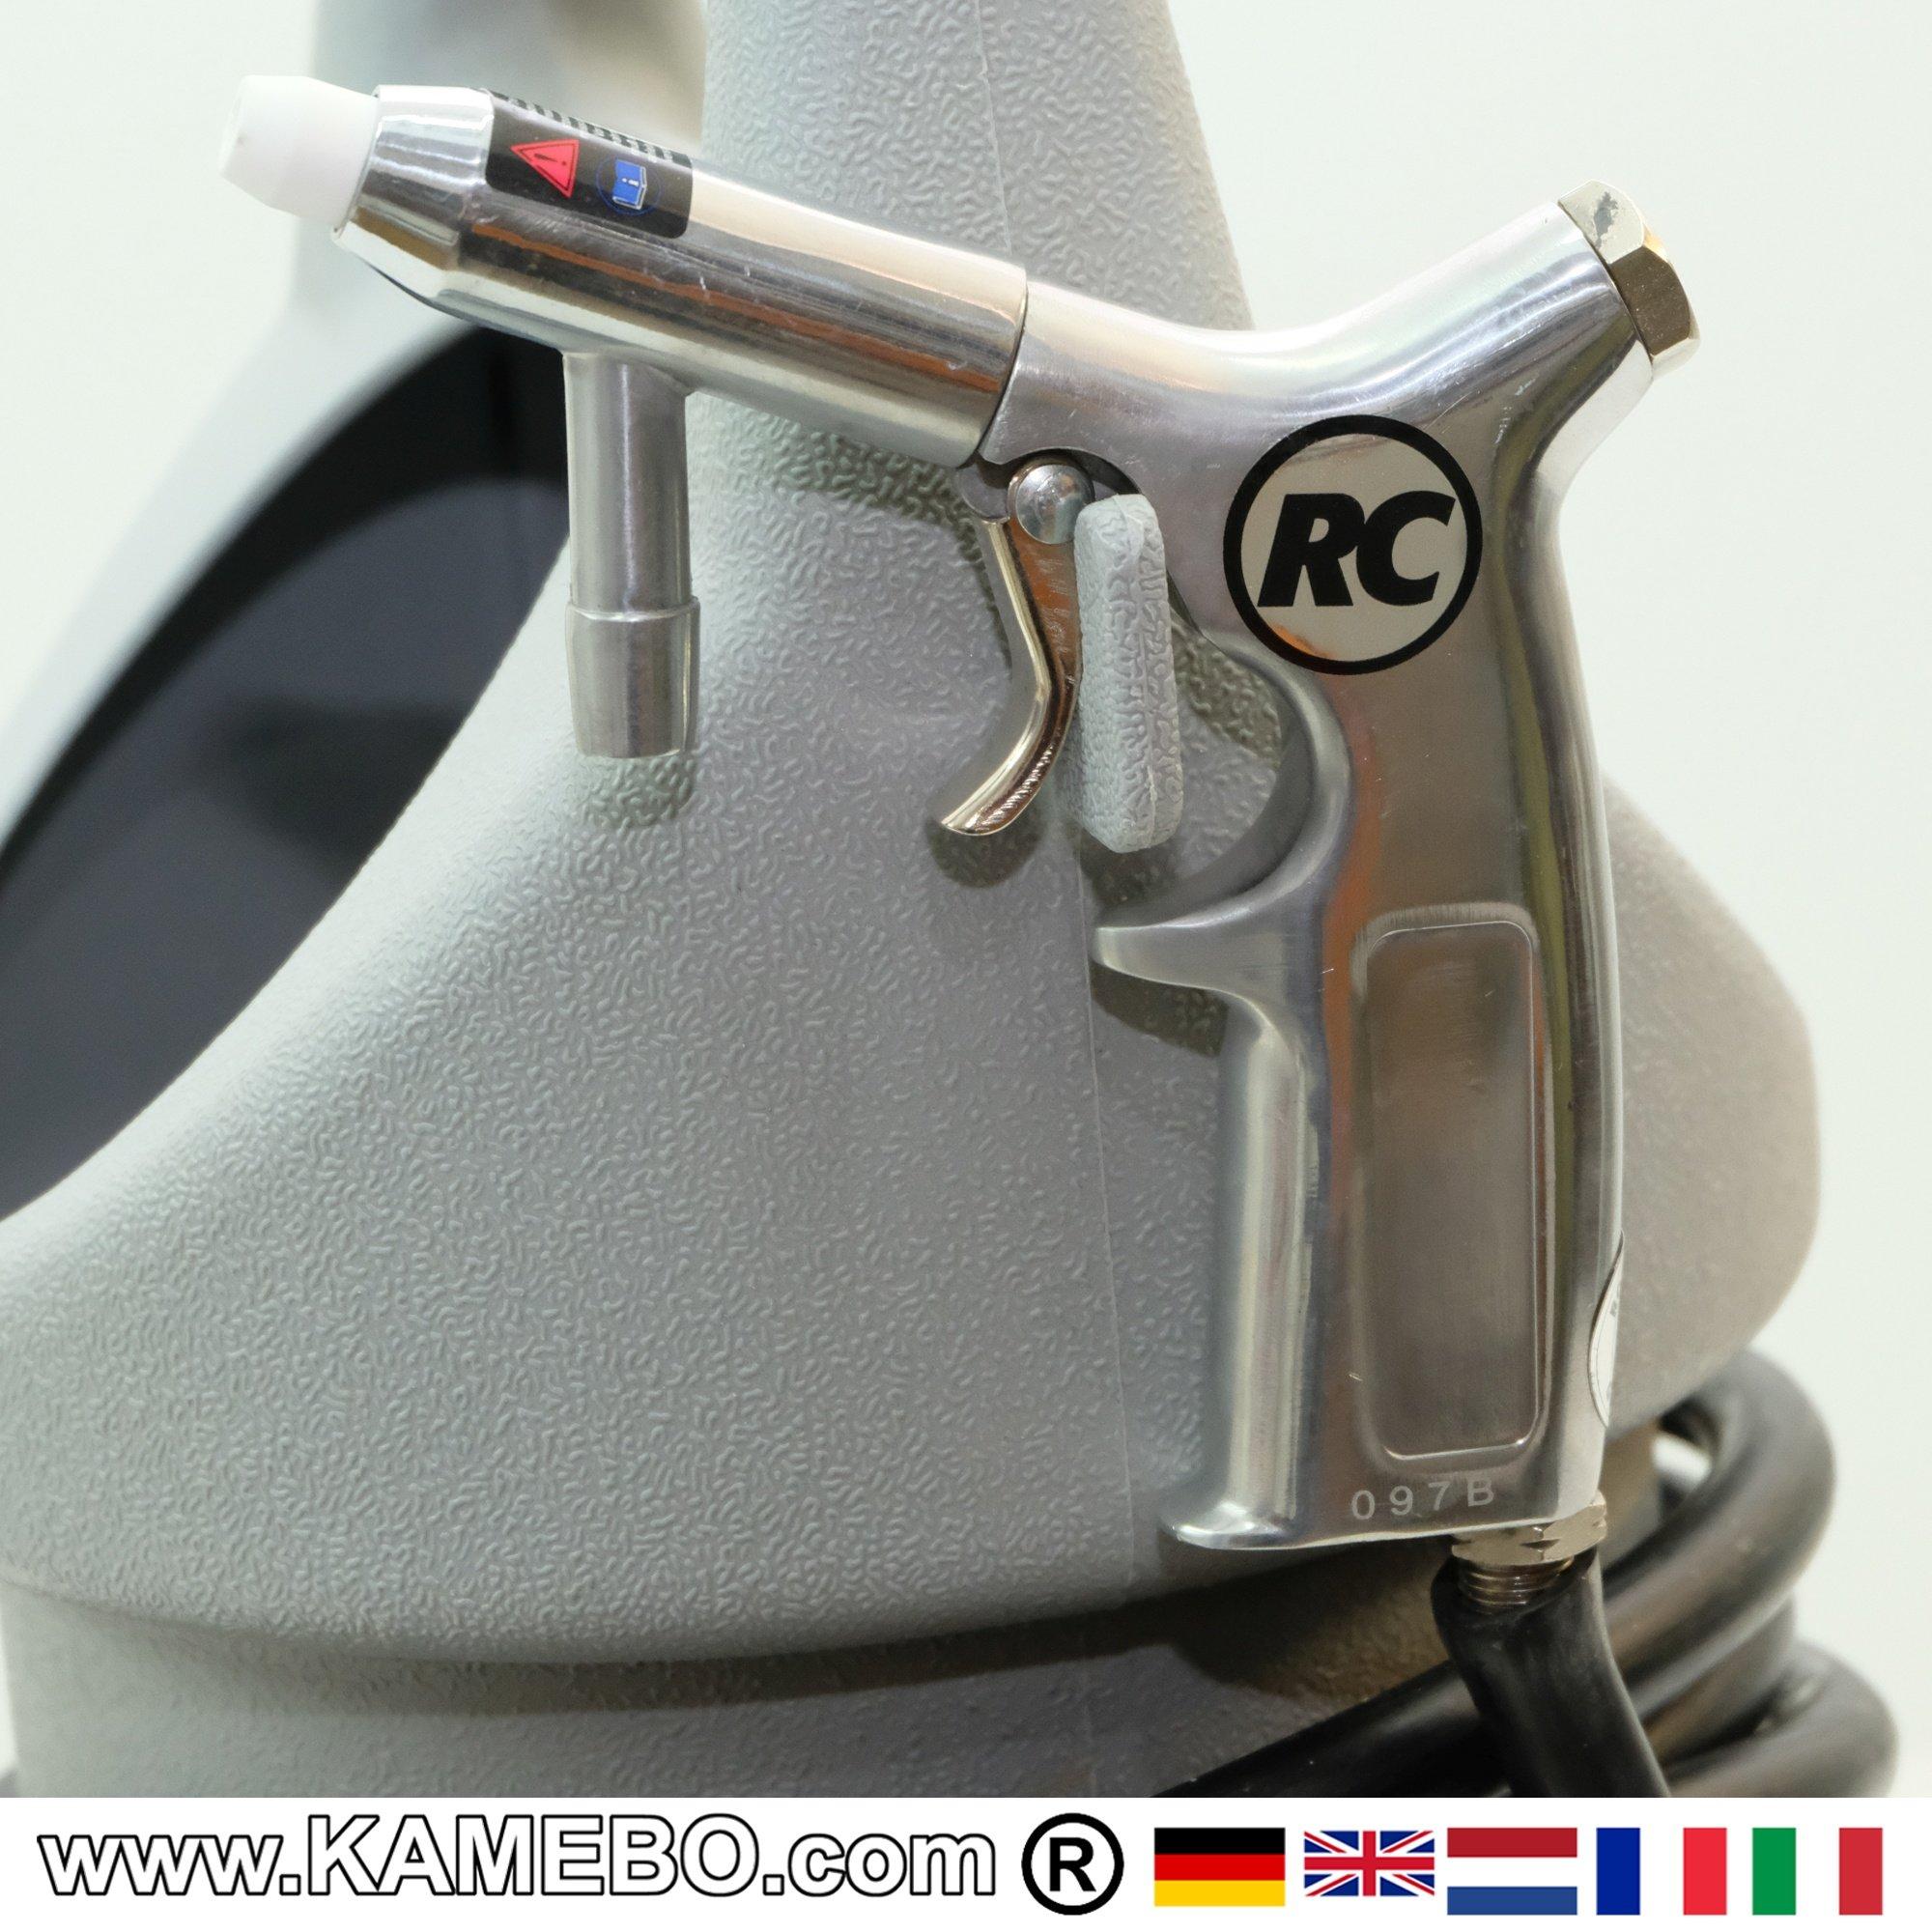 rodcraft pistolet de sablage rc8112 kamebo. Black Bedroom Furniture Sets. Home Design Ideas